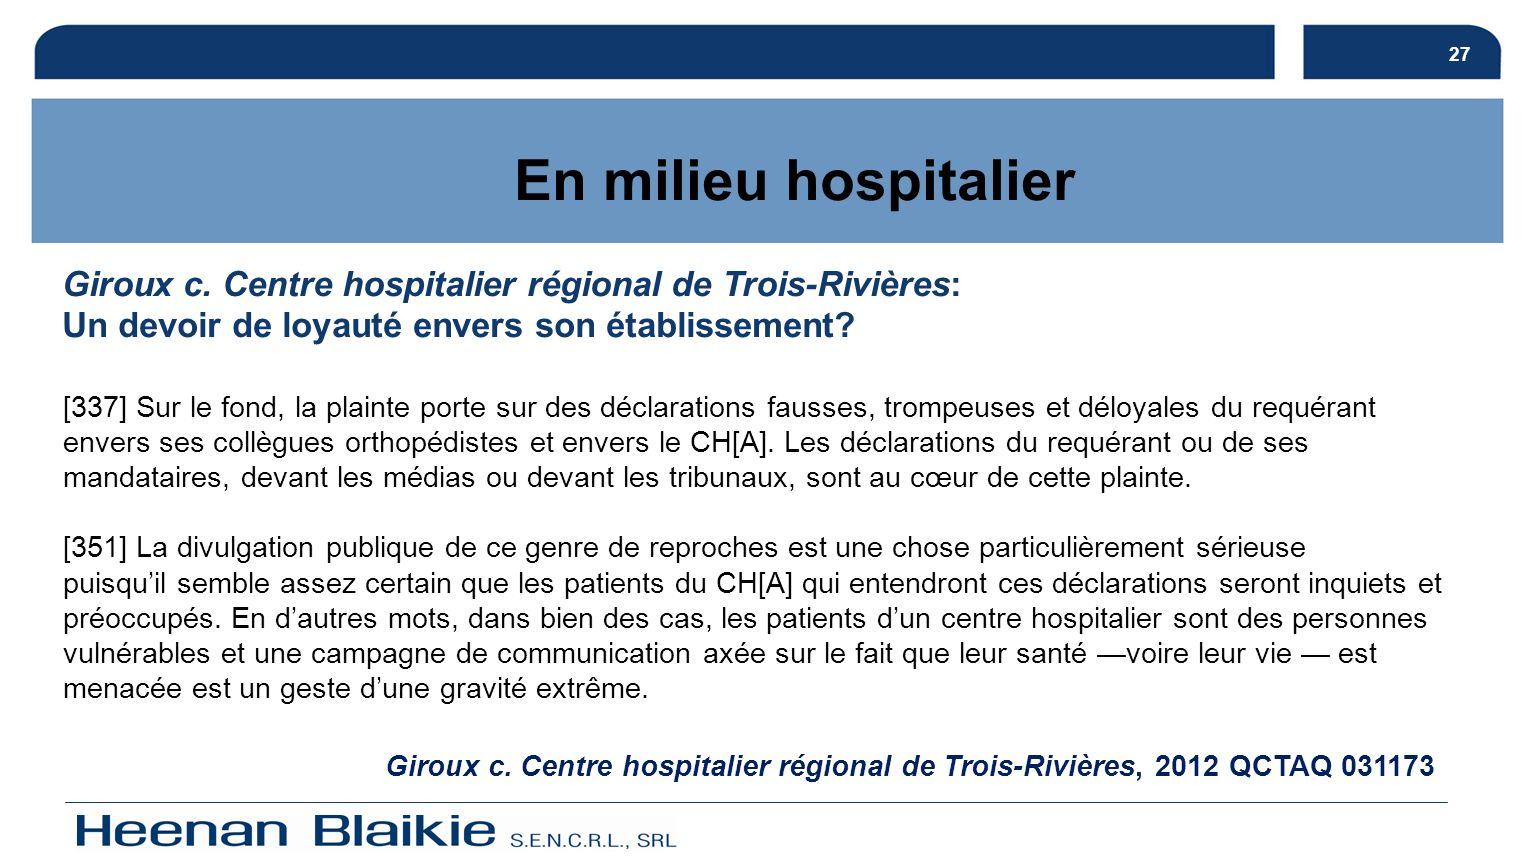 27 En milieu hospitalier. Giroux c. Centre hospitalier régional de Trois-Rivières: Un devoir de loyauté envers son établissement